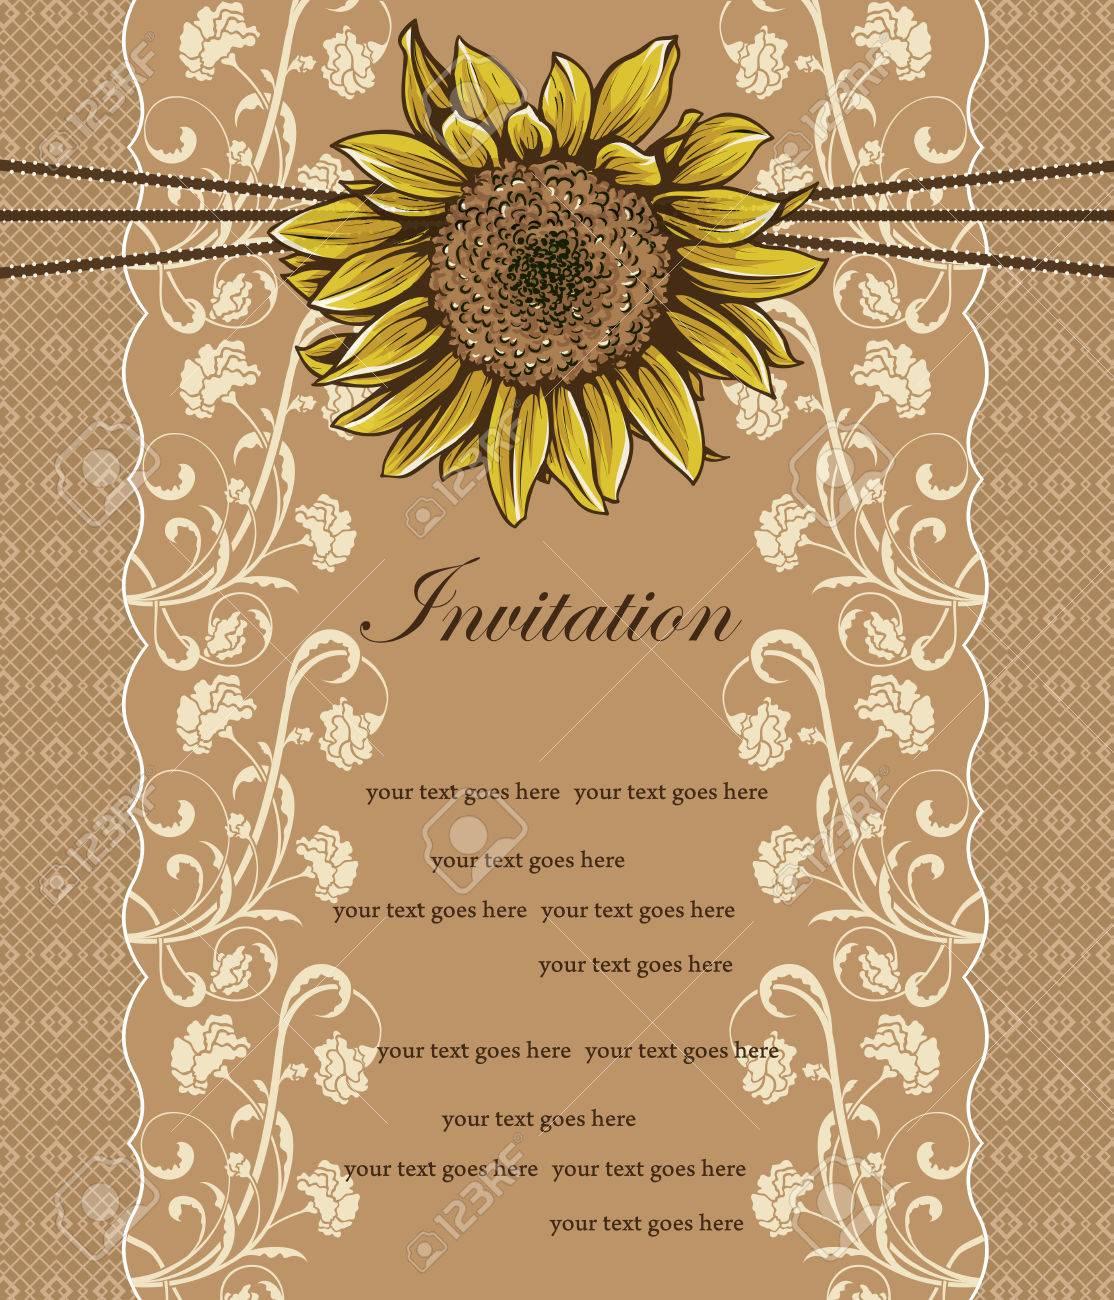 Tarjeta De Invitación De La Vendimia Con El Diseño Adornado Elegante Retro Abstracto Floral Girasol Amarillo Y Flores De Color Beige Y Hojas Sobre